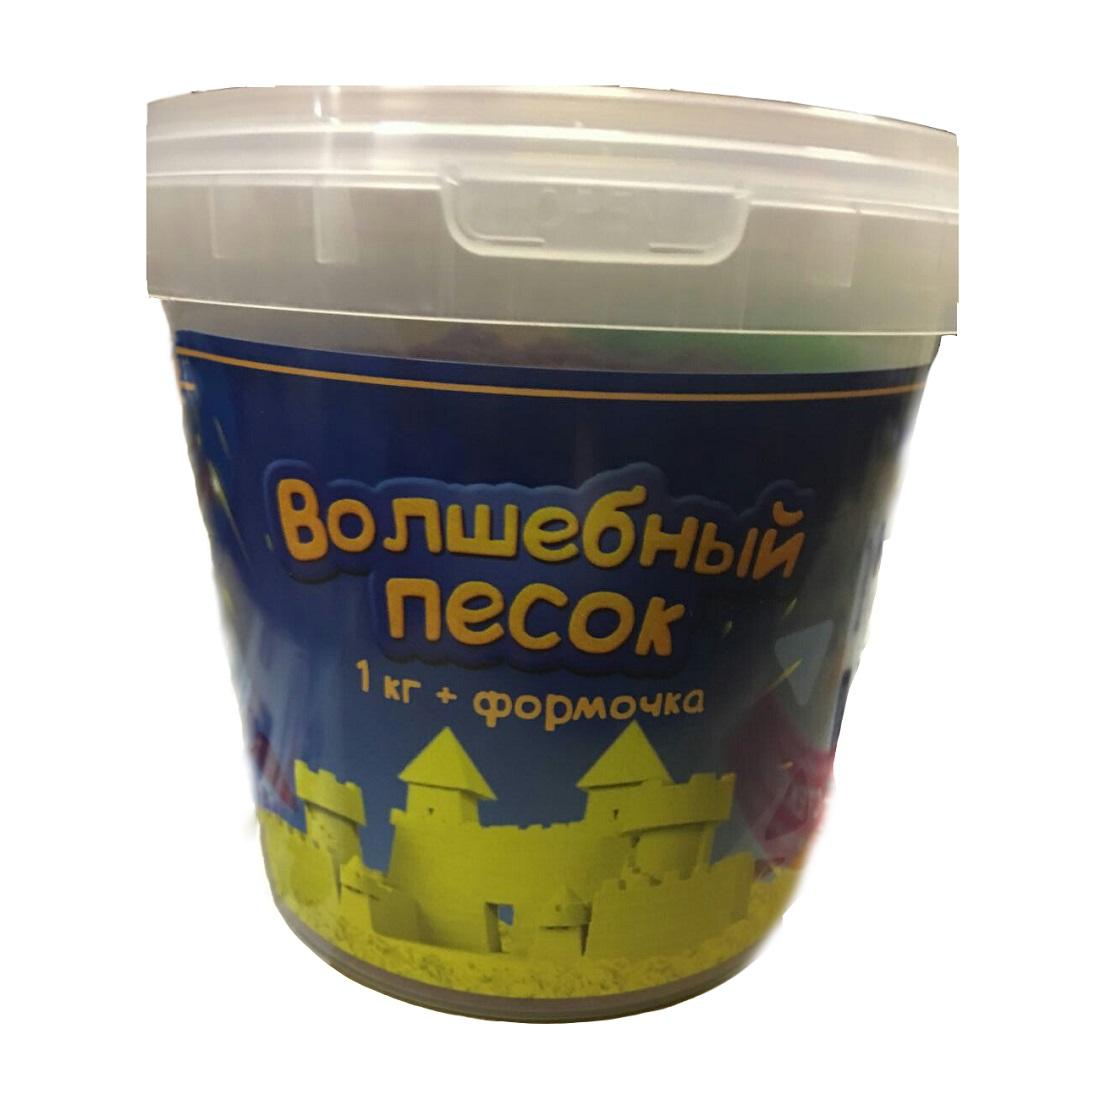 Купить Волшебный песок с формочкой, 1 кг., цвет – желтый, Авис